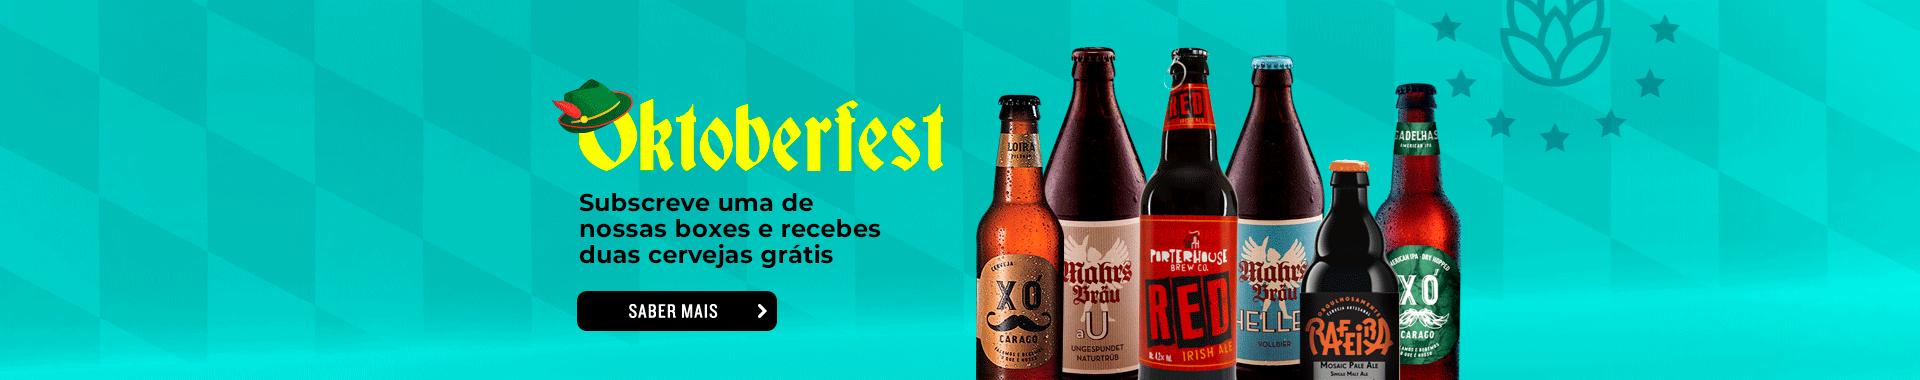 Beer Hops - 6